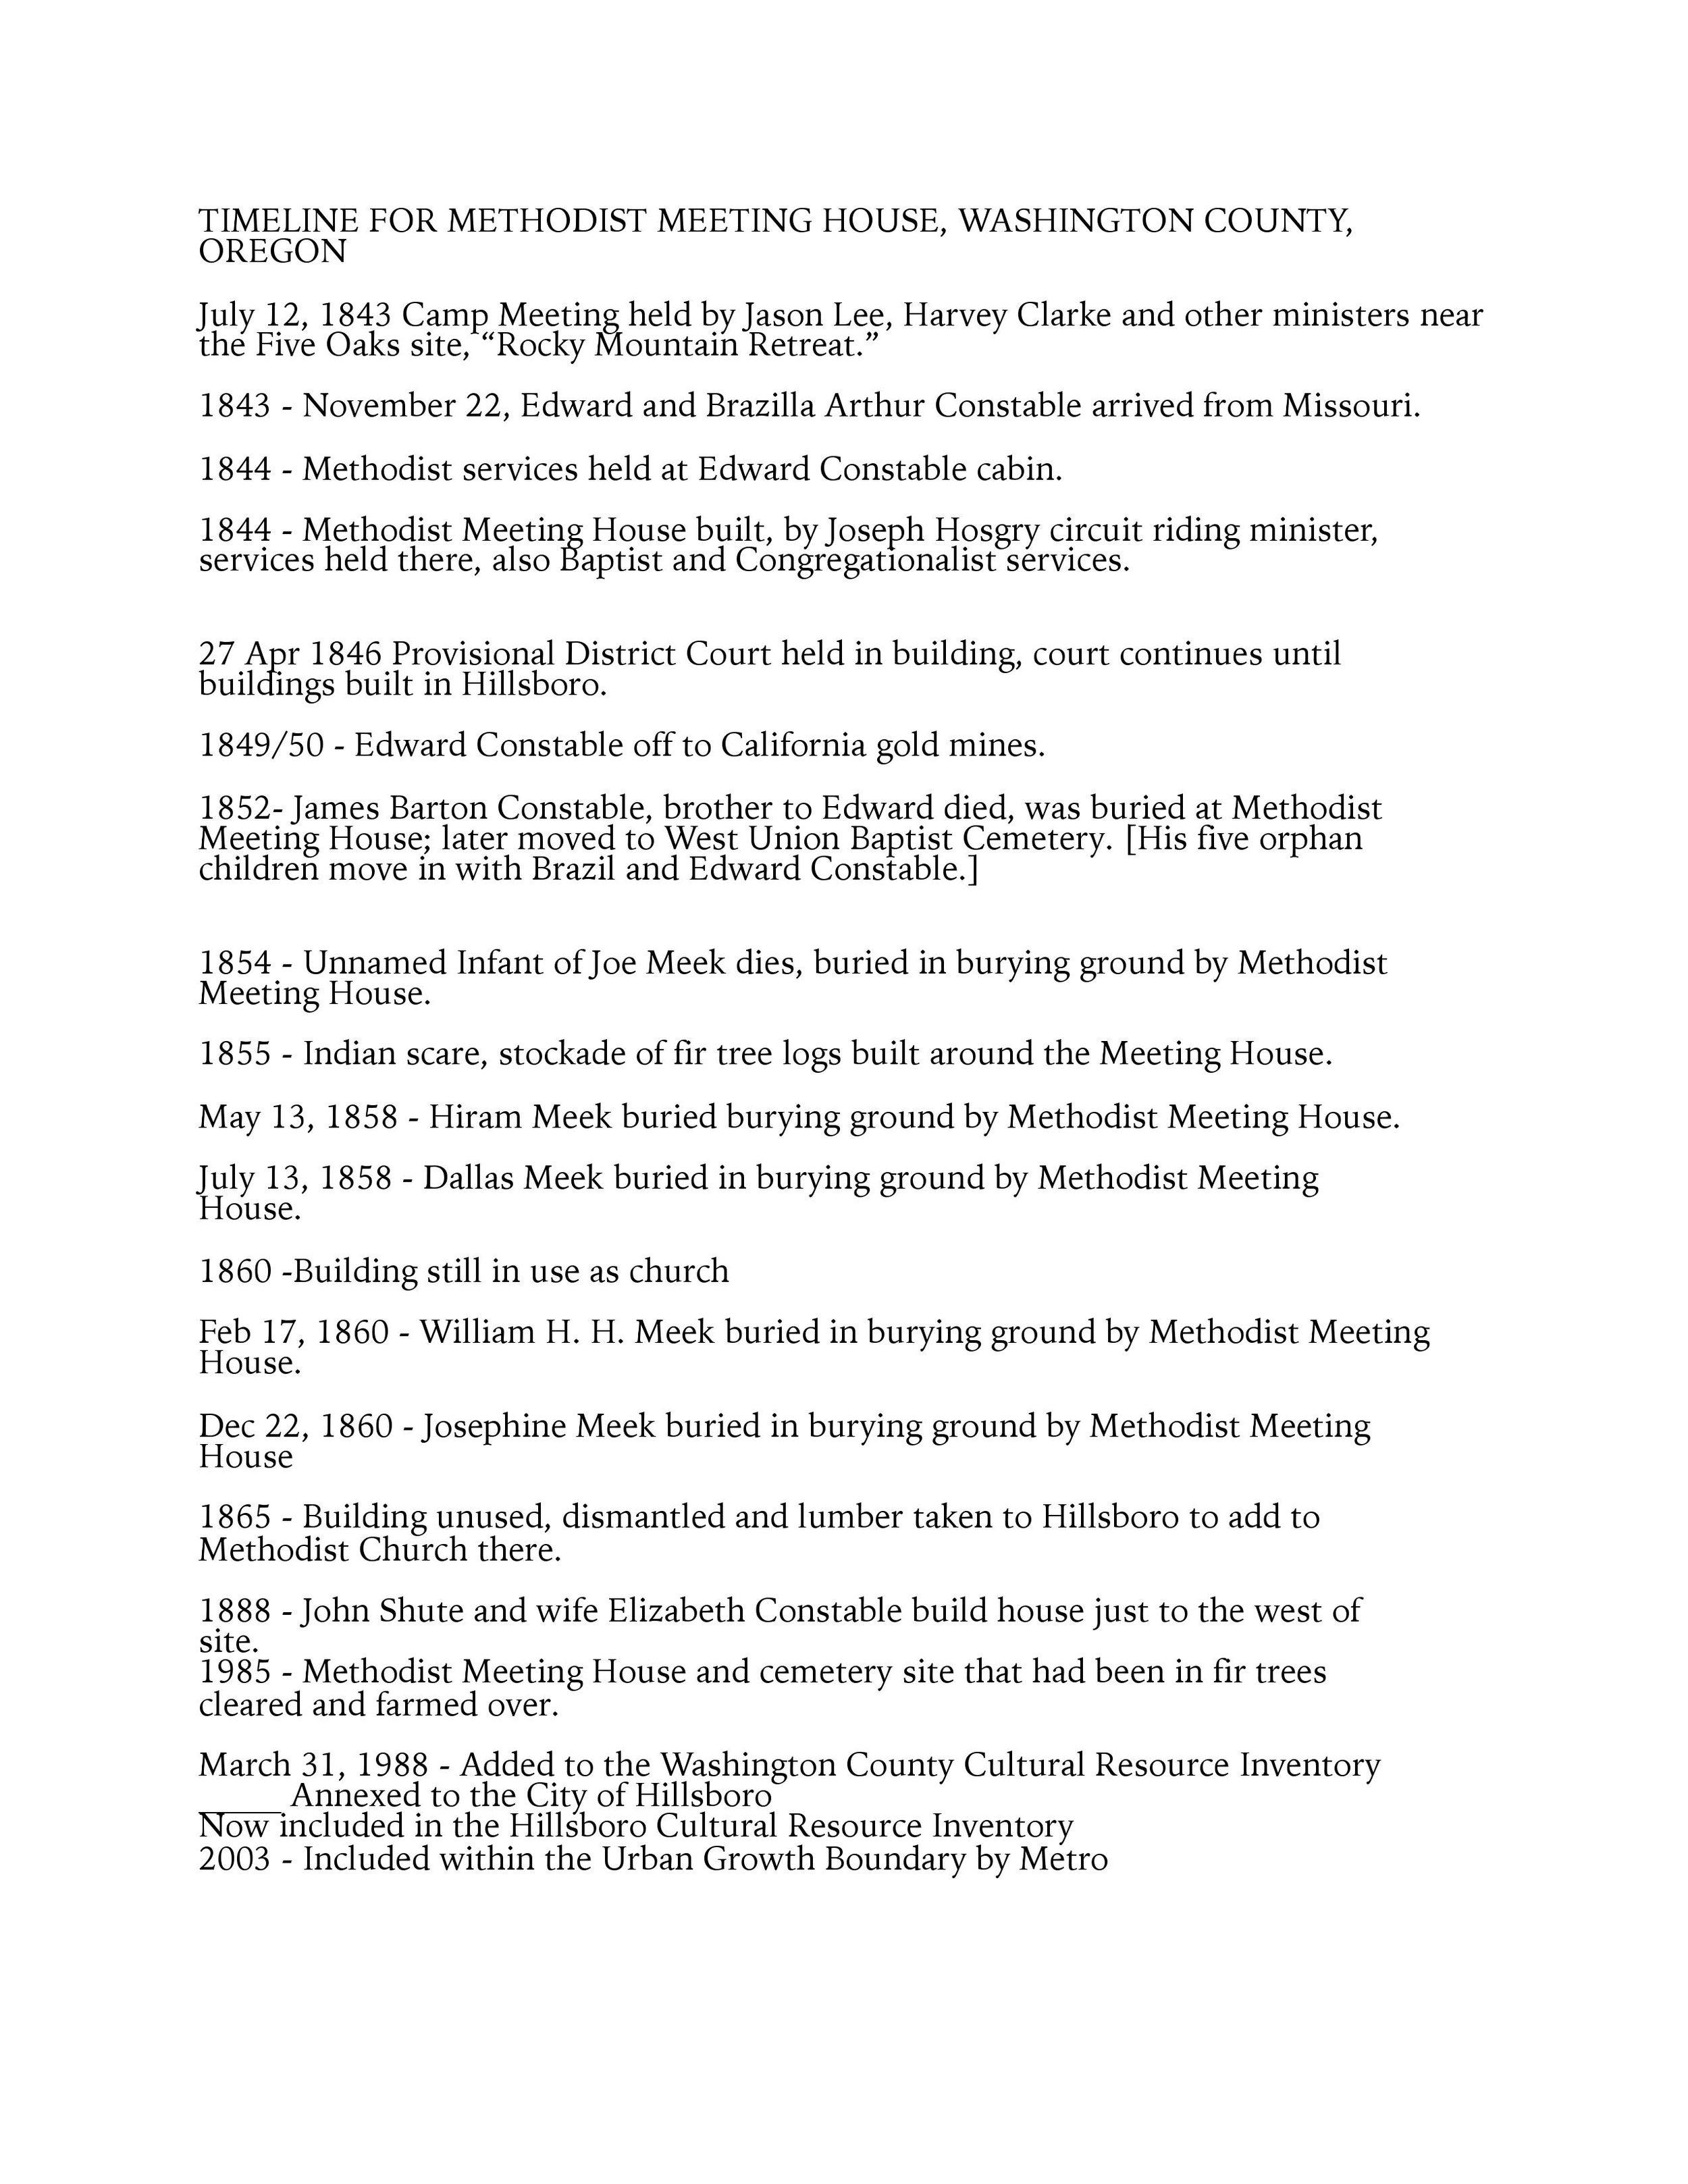 Methodist Meeting House Timeline